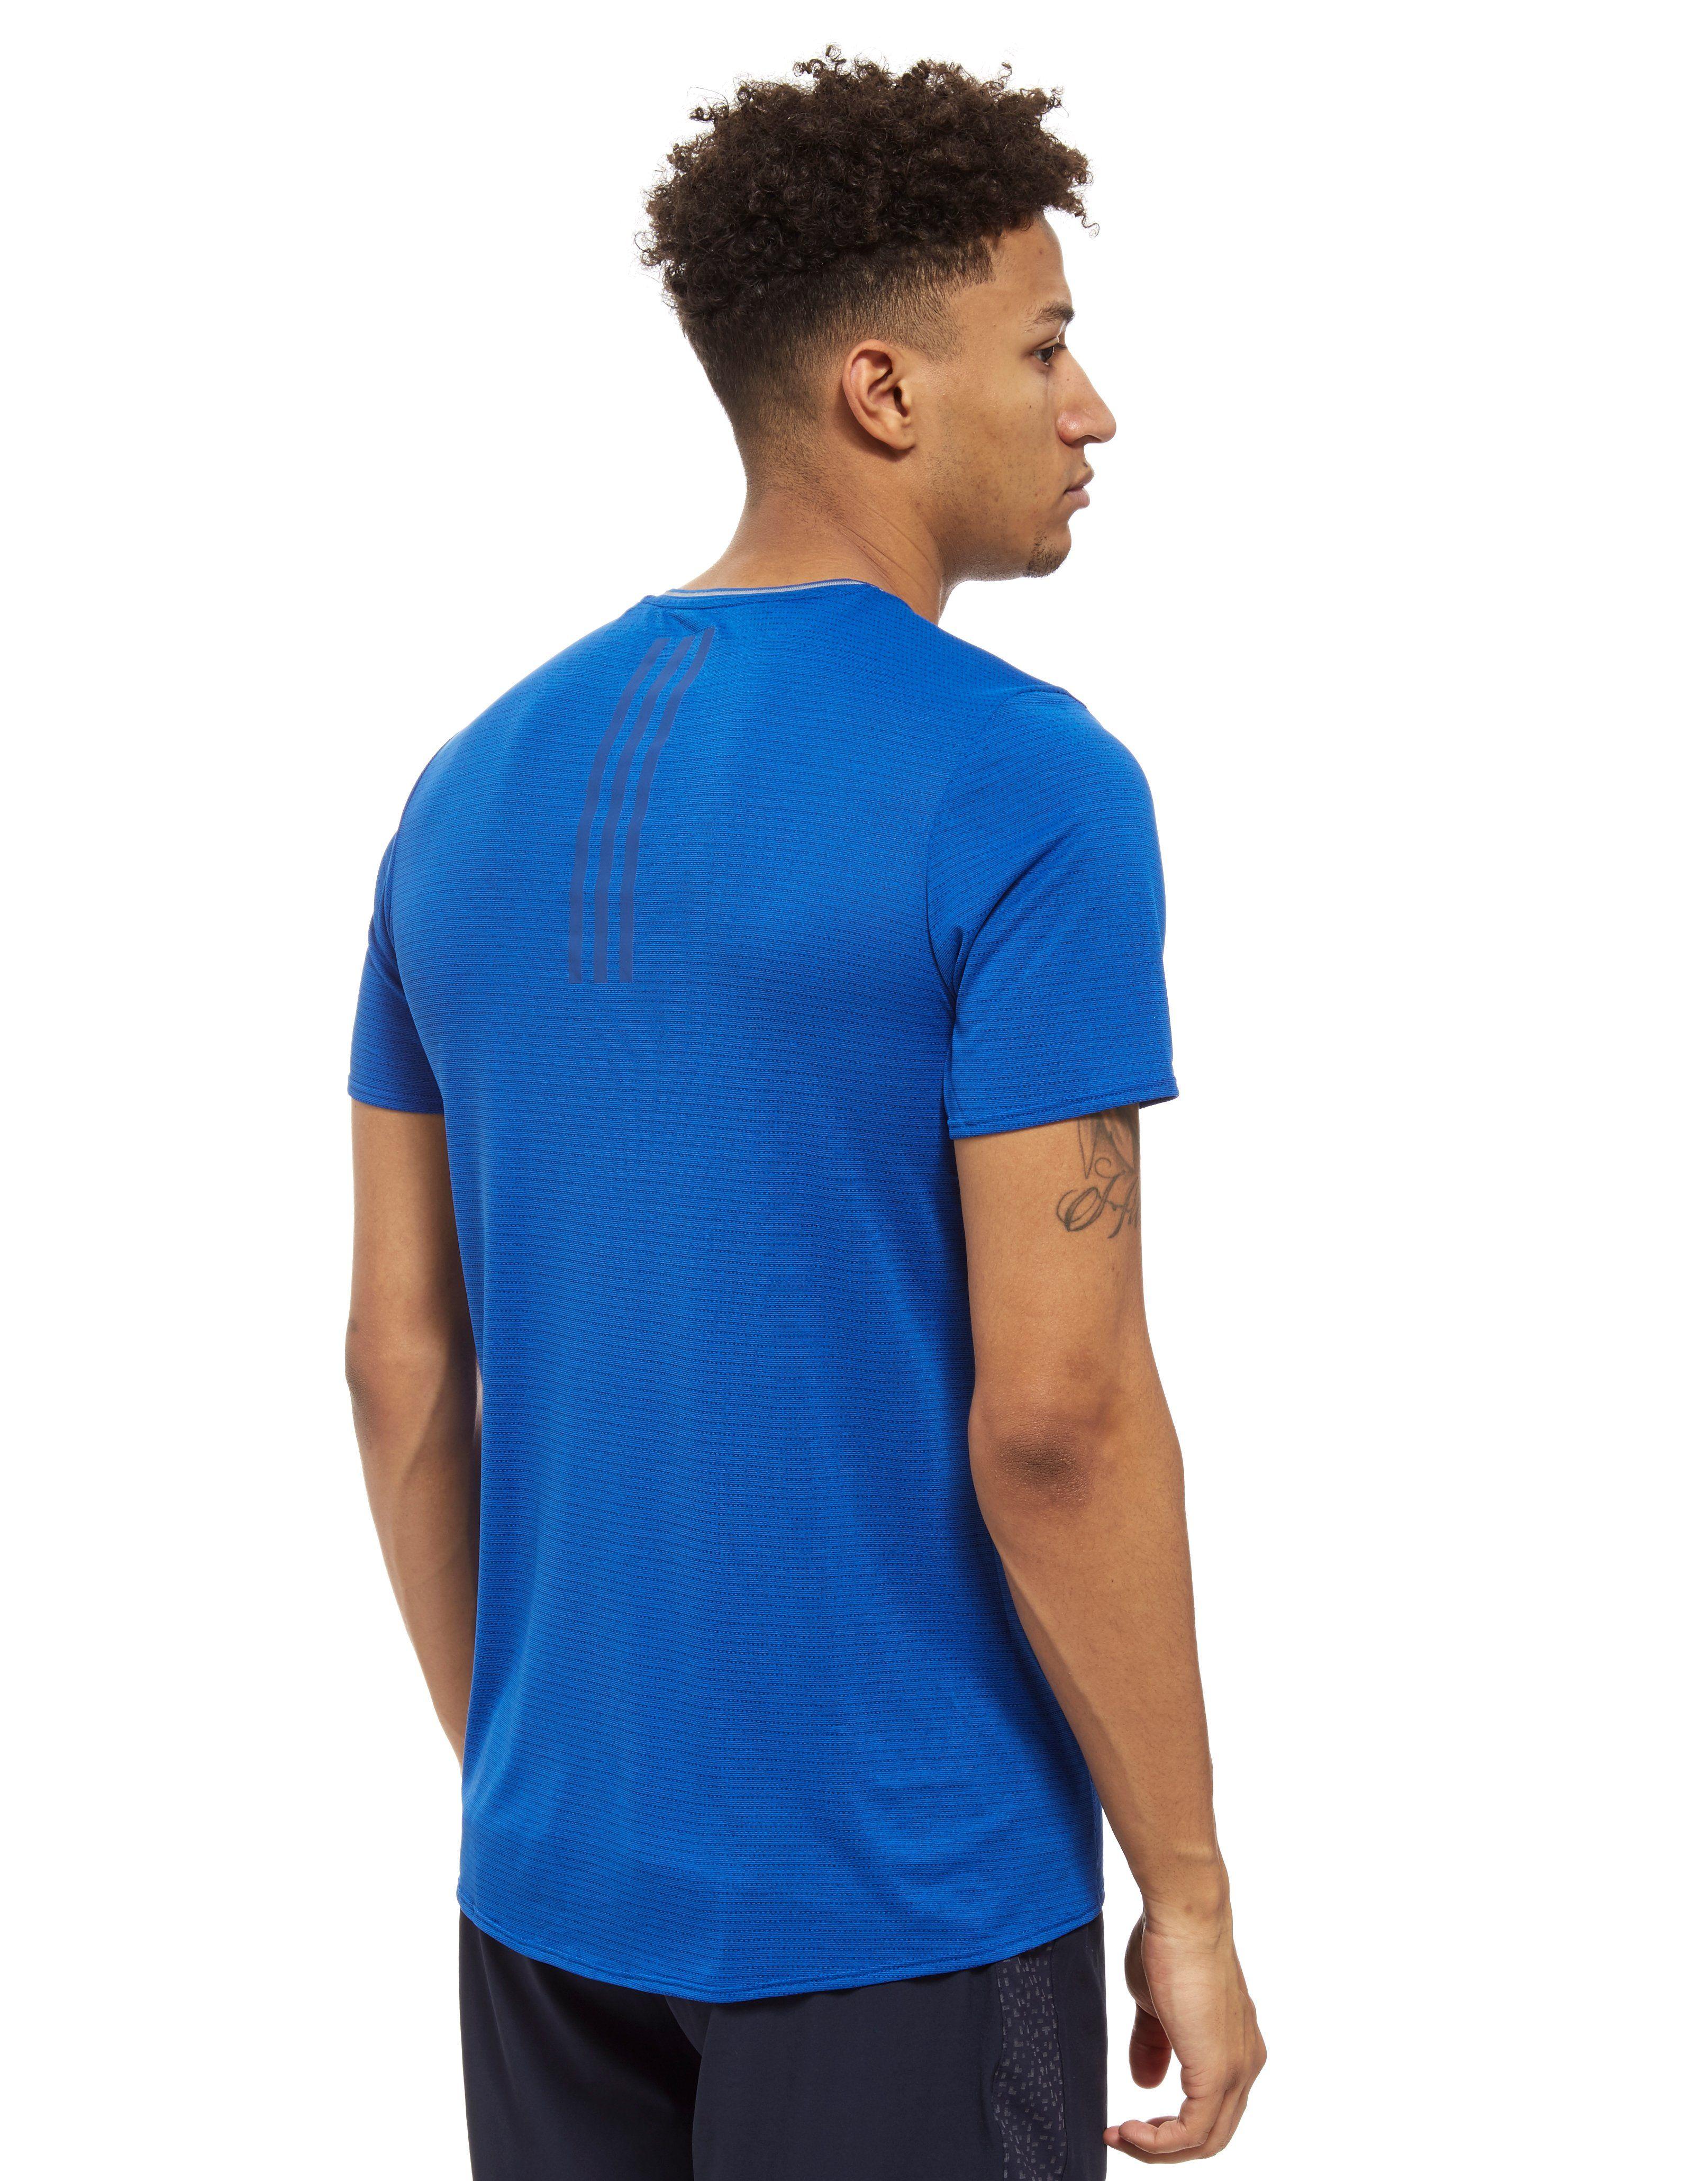 adidas Blau T Supernova Supernova Supernova Shirt adidas Supernova T Blau Blau adidas T Shirt adidas T Shirt AwPYqY